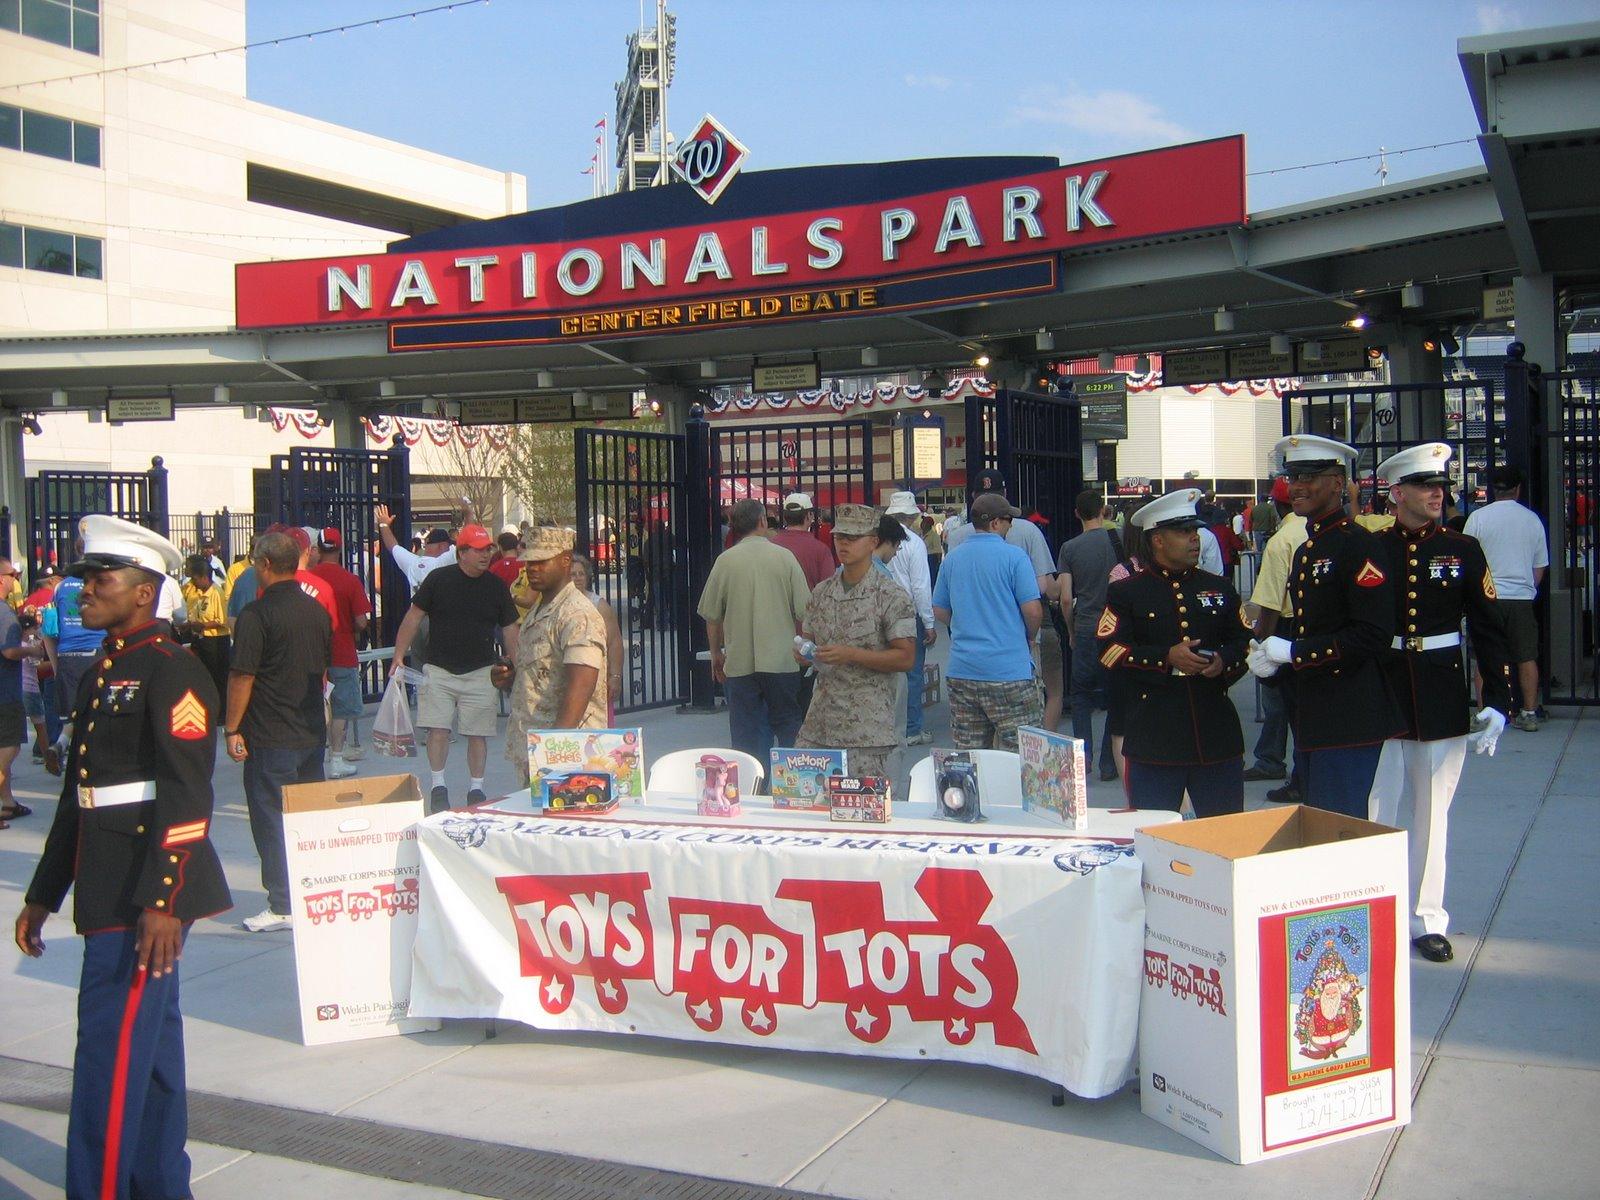 Nats320 A Washington Nationals Blog The 2010 Christmas